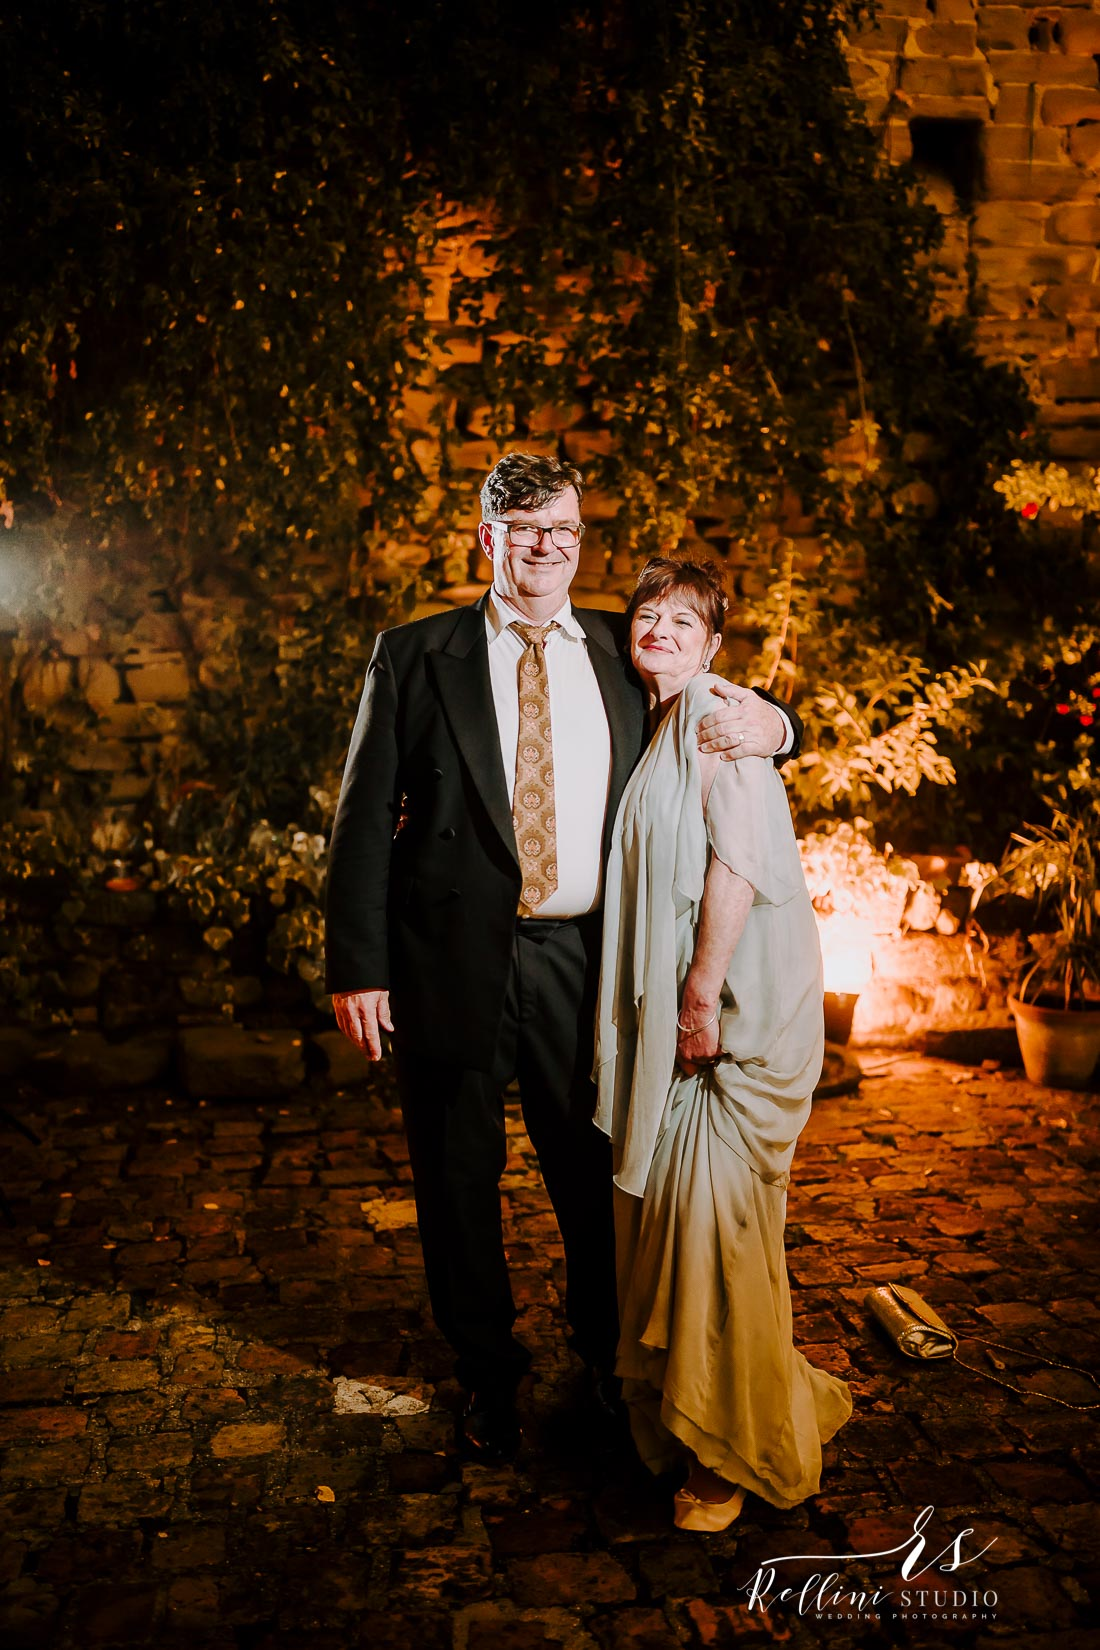 wedding castello di Rosciano 197.jpg